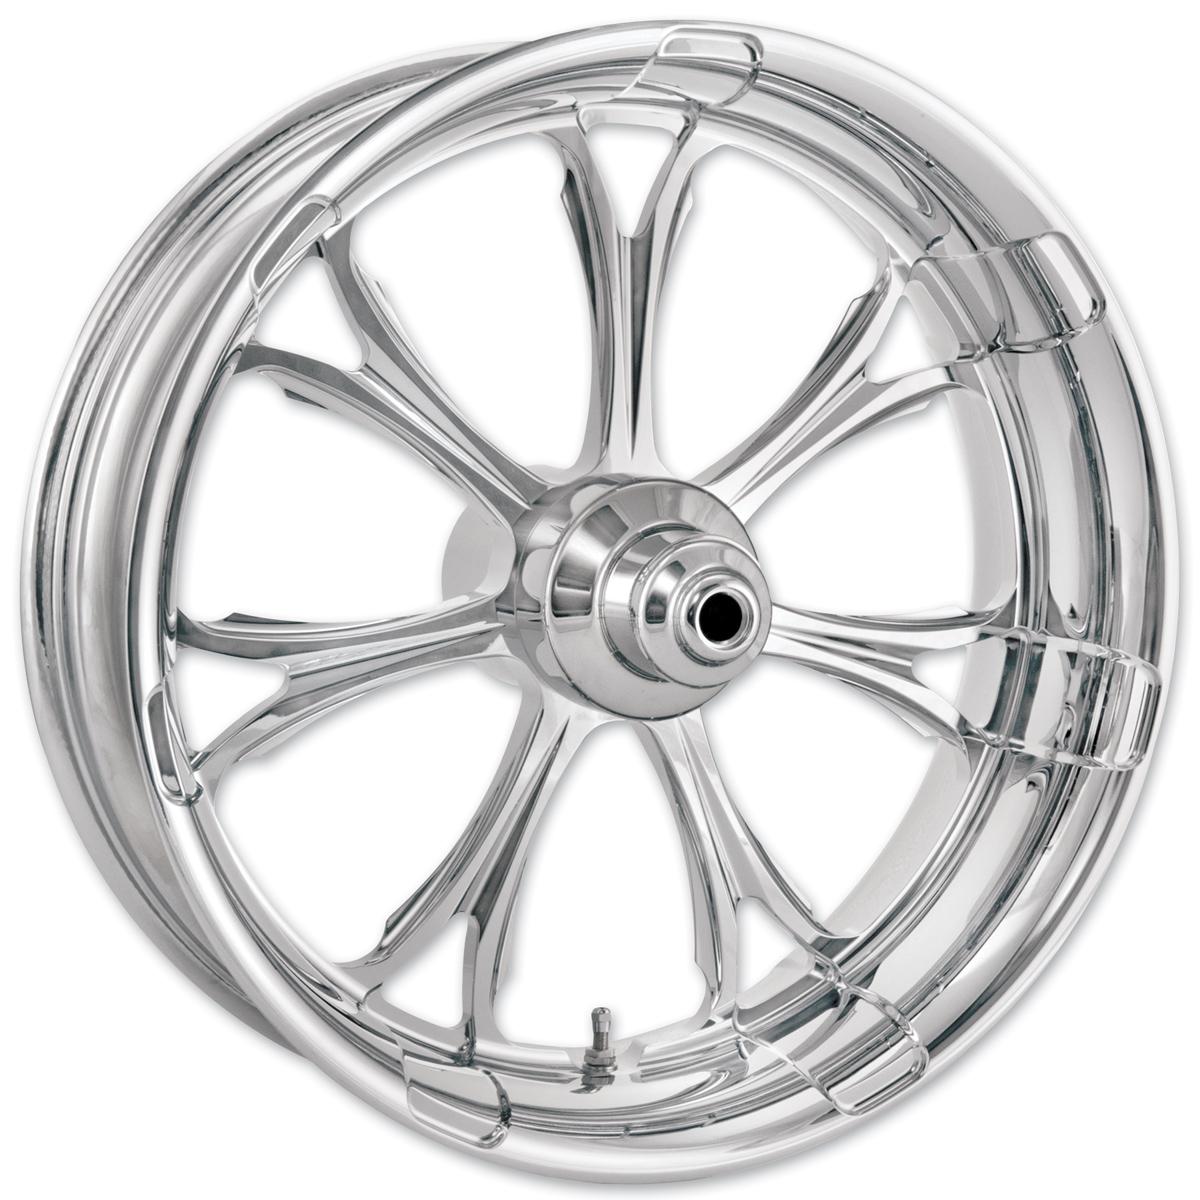 Performance Machine Paramount Chrome Front Wheel 19x3 Non-ABS